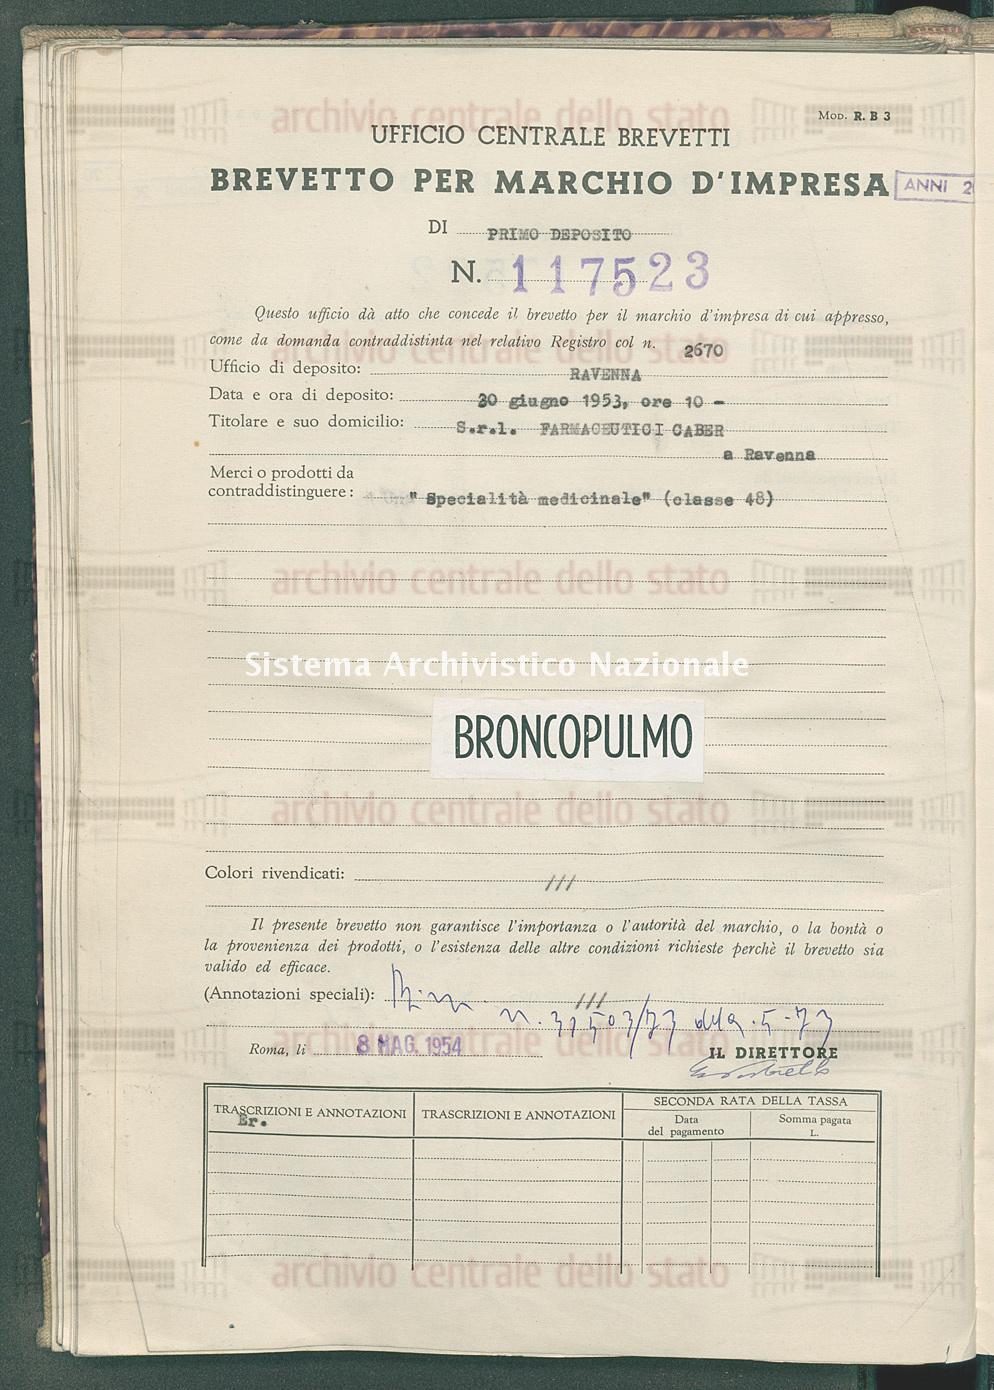 'Specialita' medicinale' S.R.L. Farmaceutici Caber (08/05/1954)